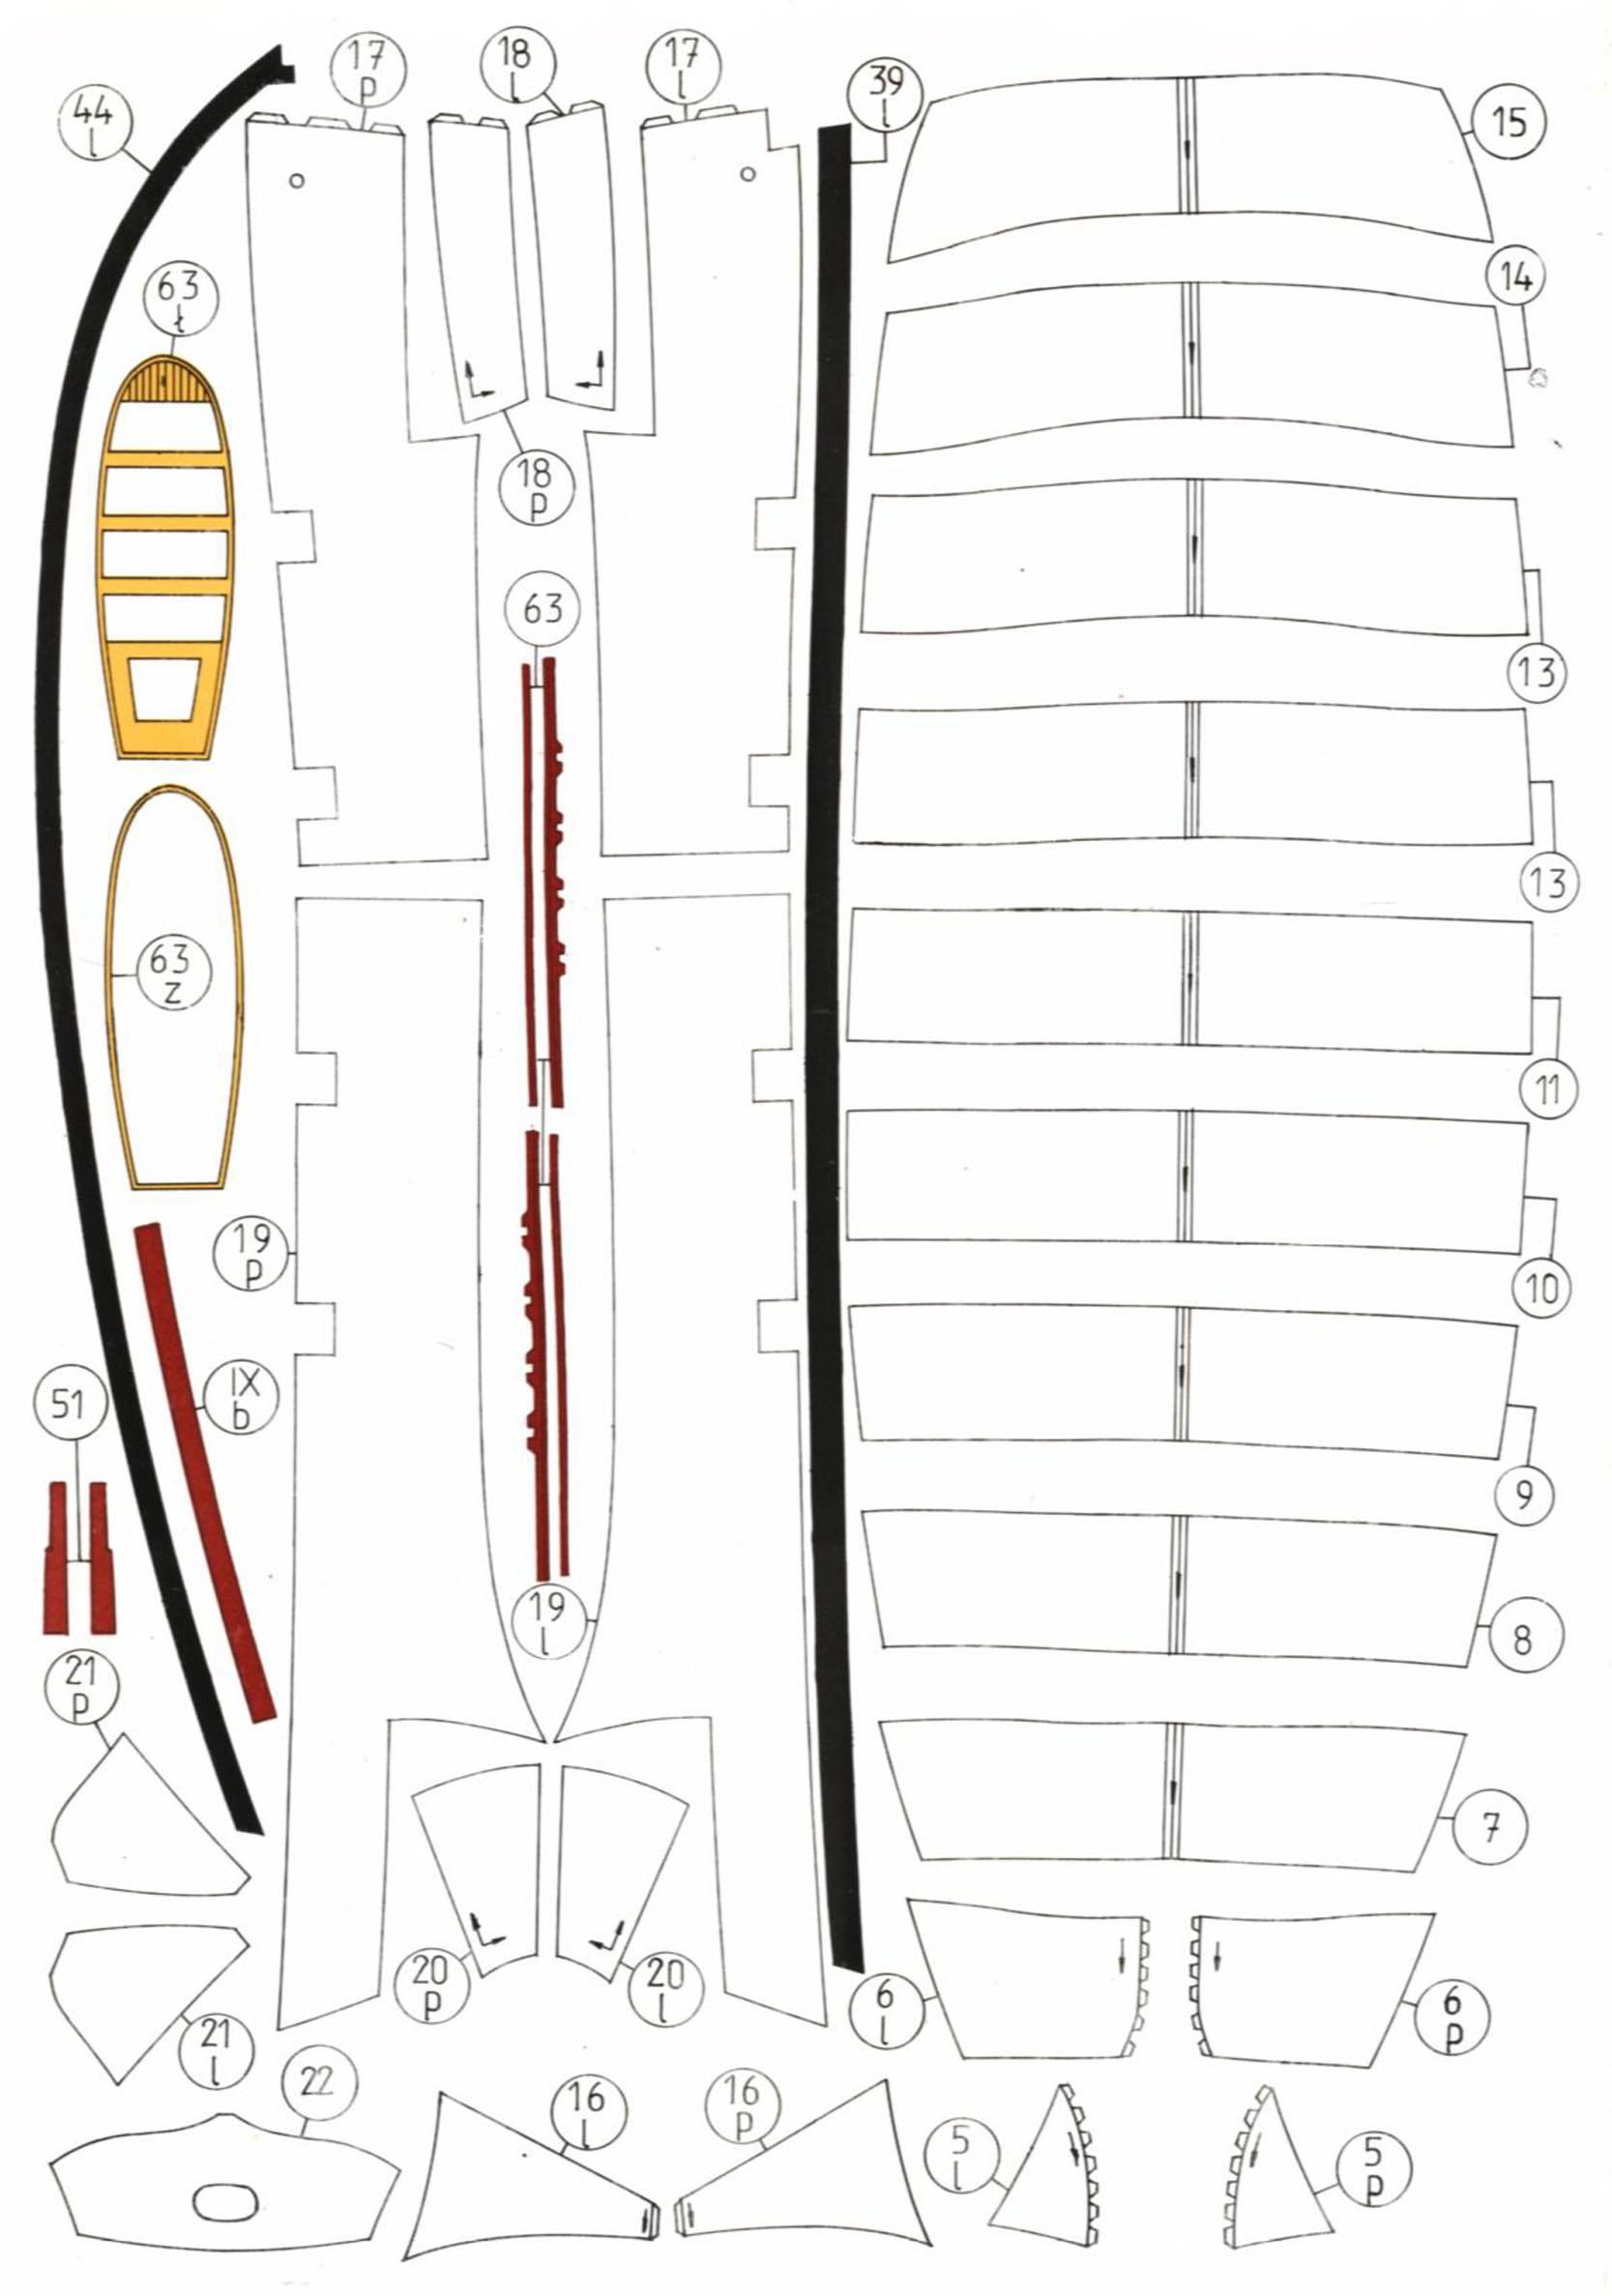 法国古帆Le Courieur号船模平面图纸 JPG格式